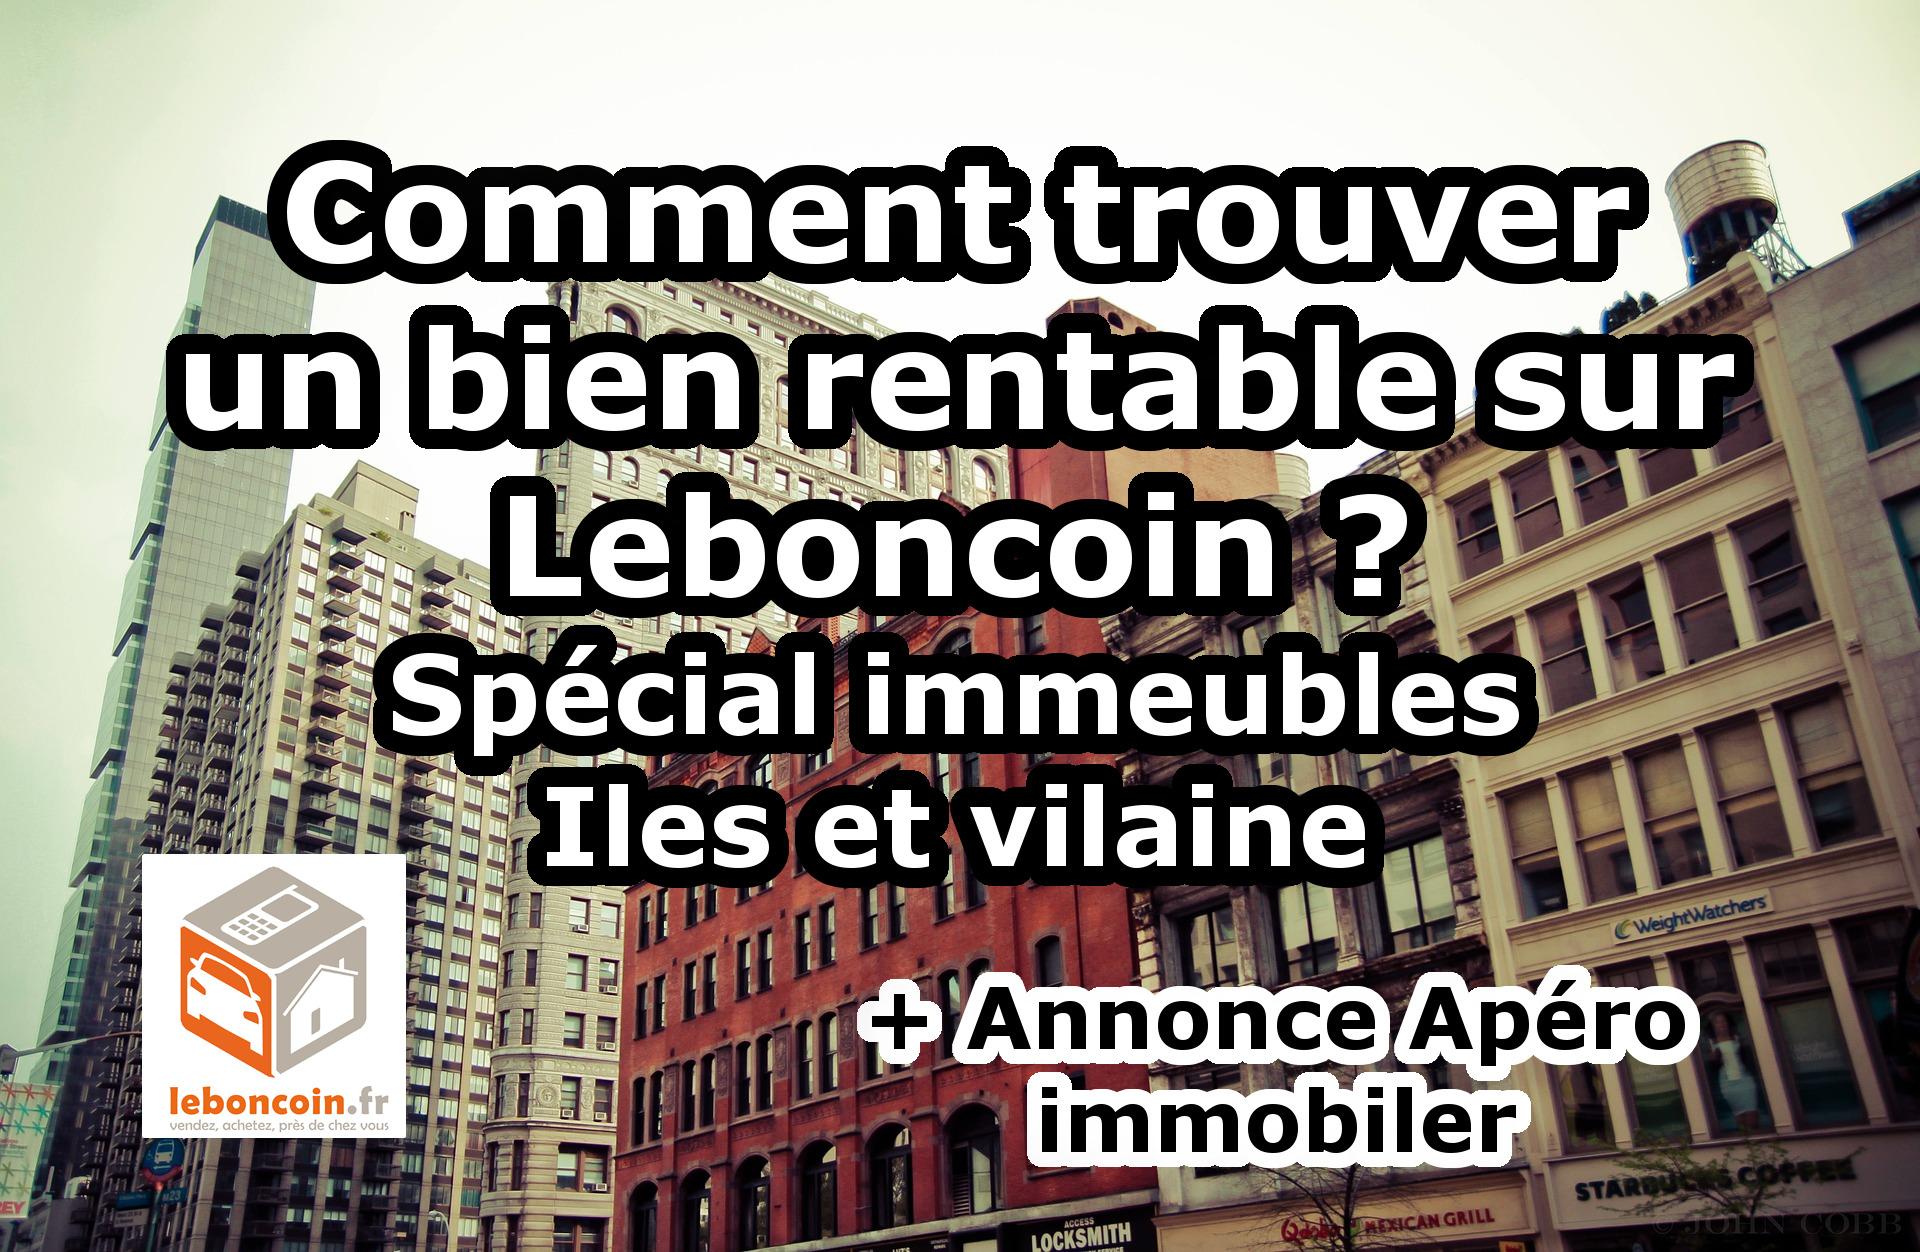 Comment trouver un bien rentable sur Leboncoin ? Spécial immeubles